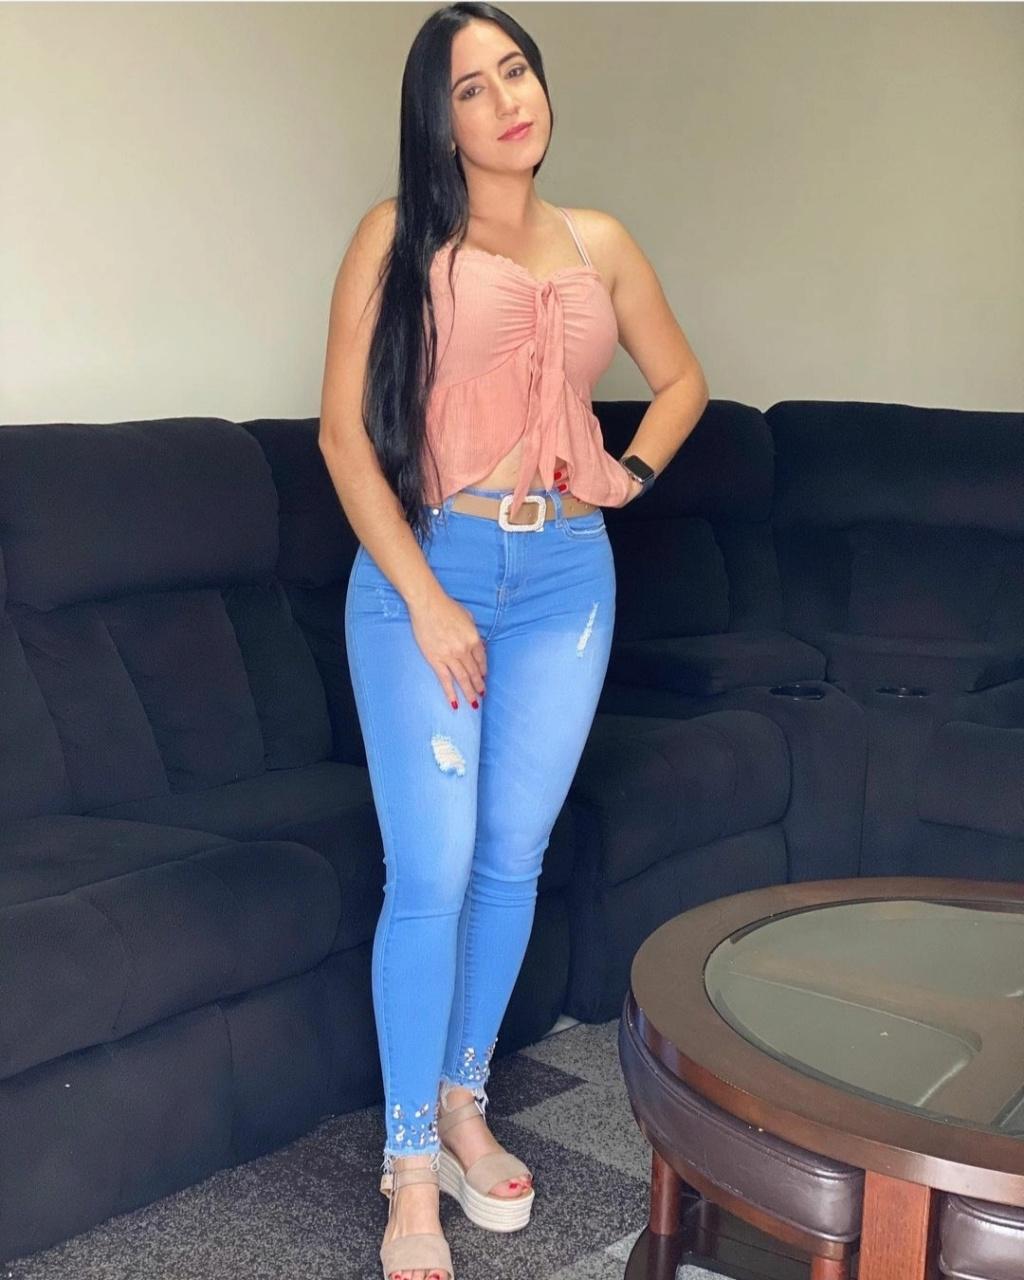 DEBATE sobre belleza, guapura y hermosura (fotos de chicas latinas, mestizas, y de todo) - VOL II - Página 9 Img_1304